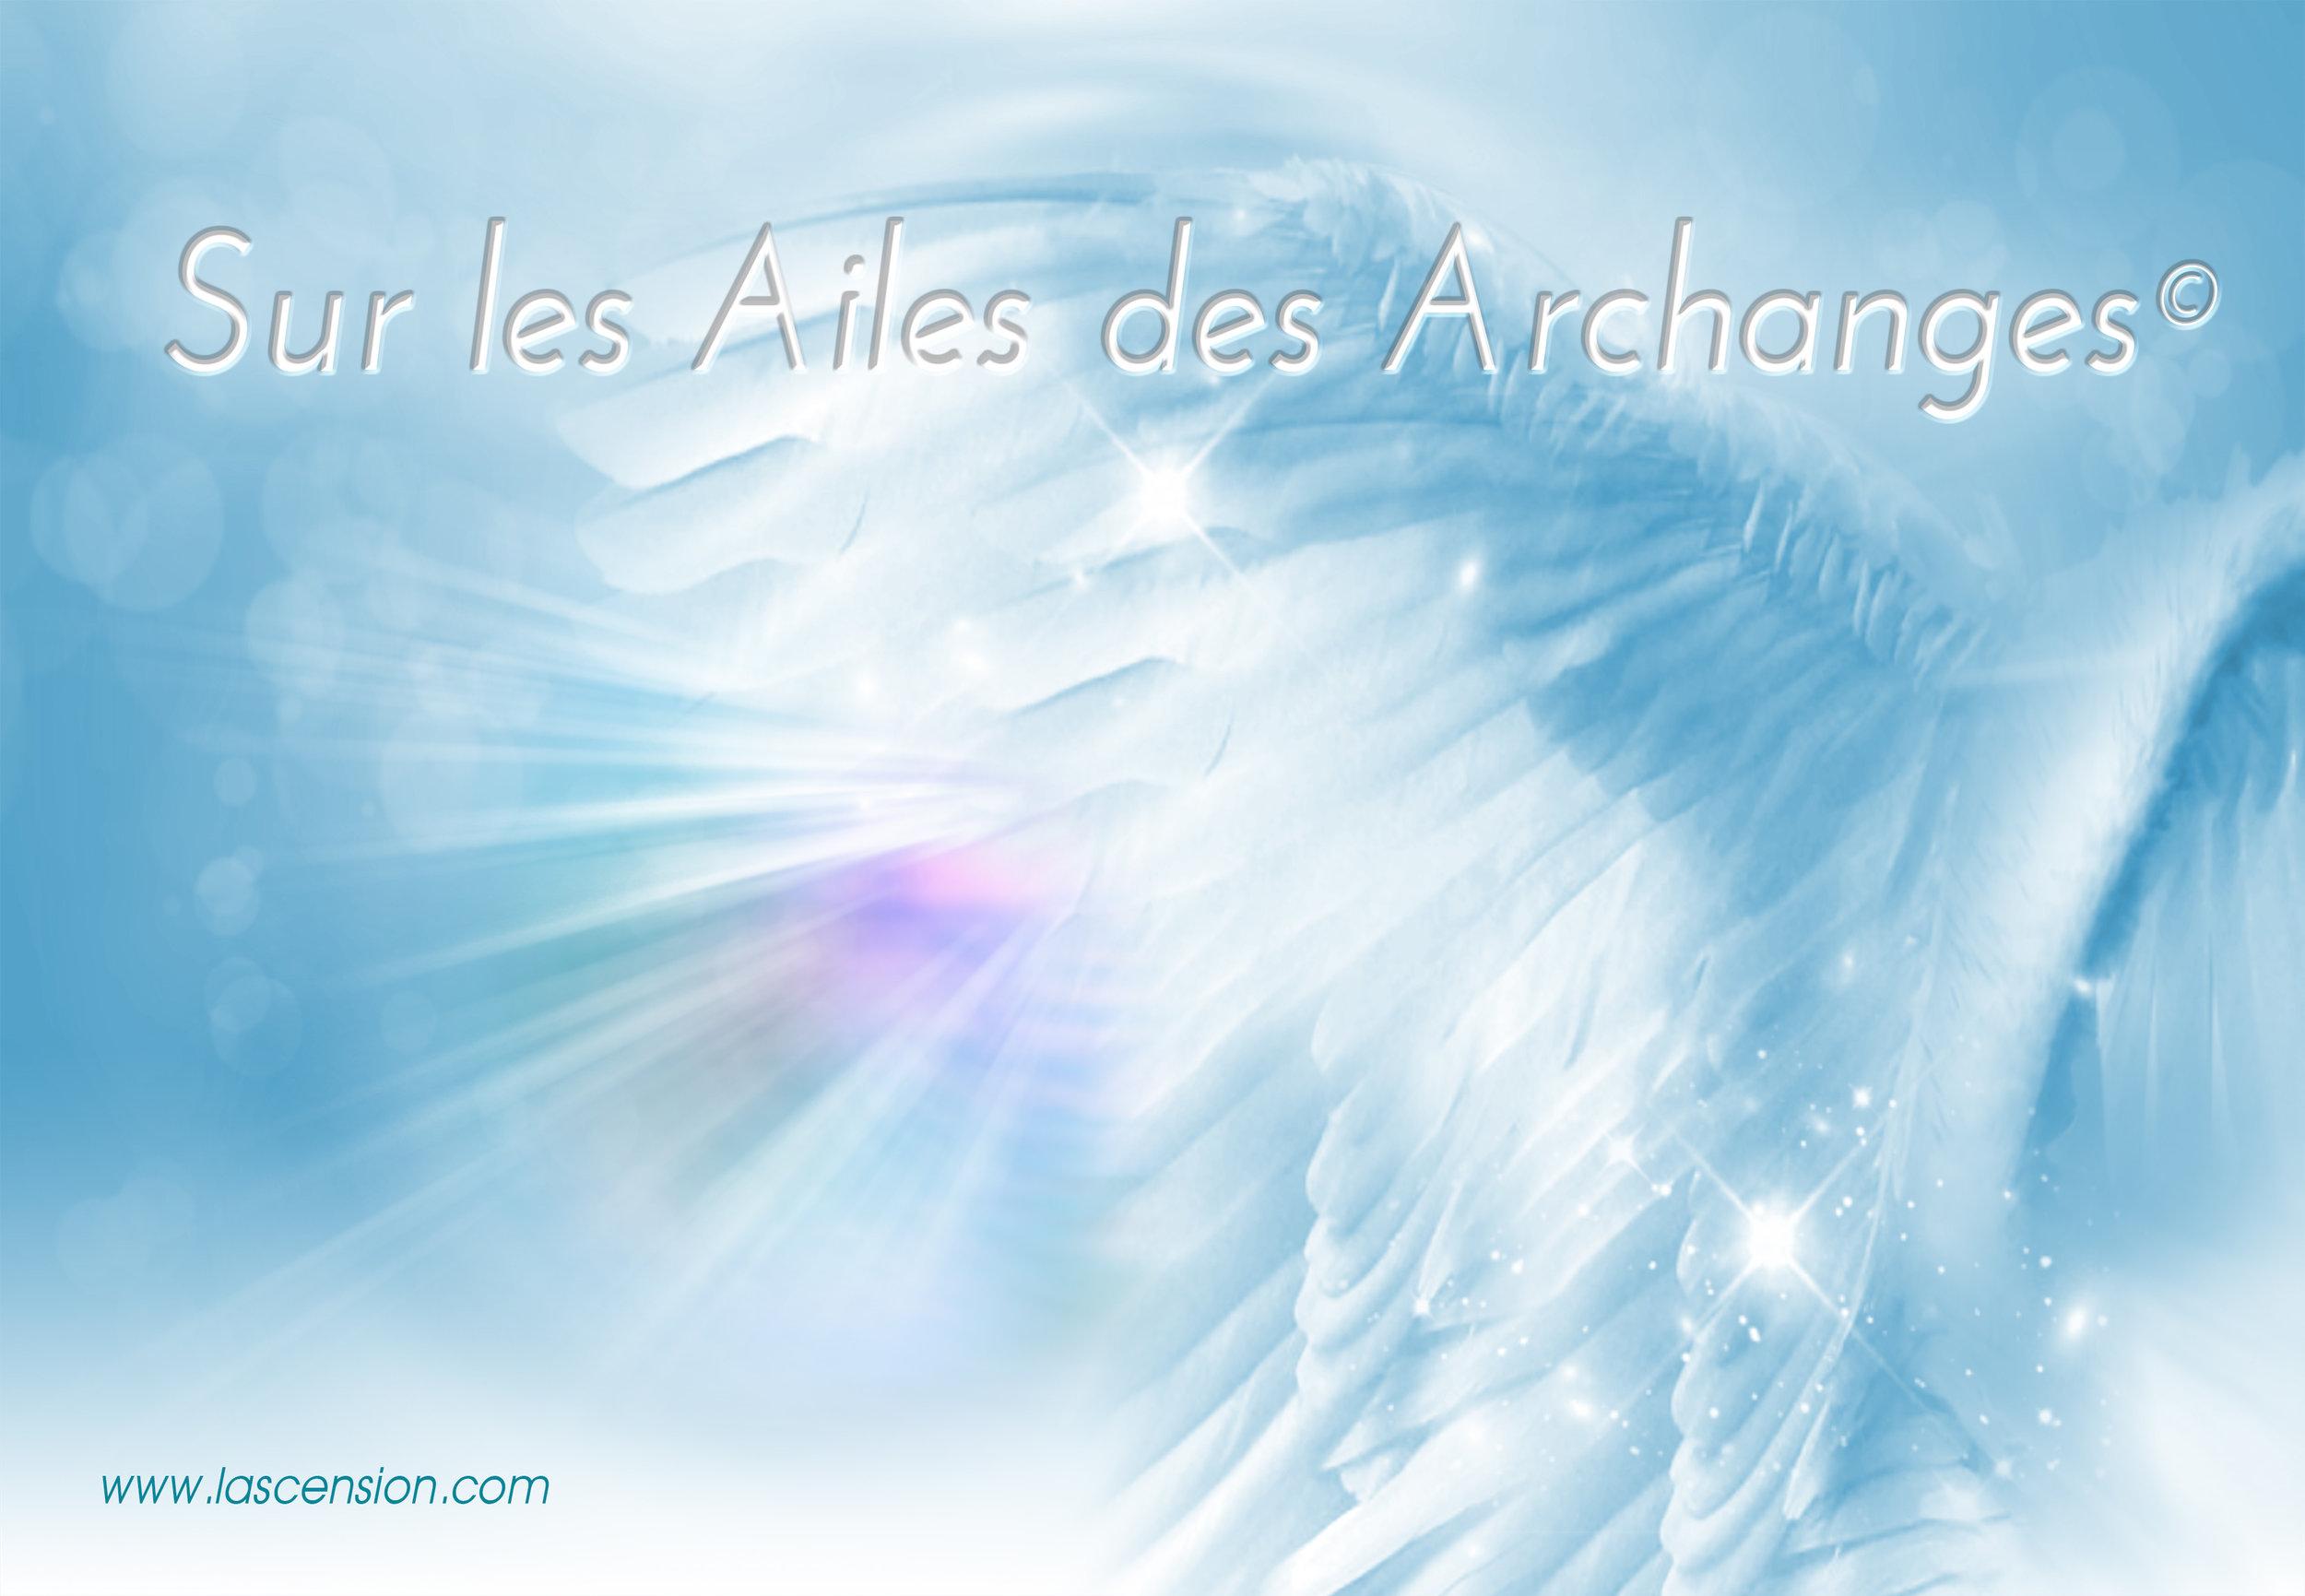 sur les ailes des archanges e-learning virginie lascension